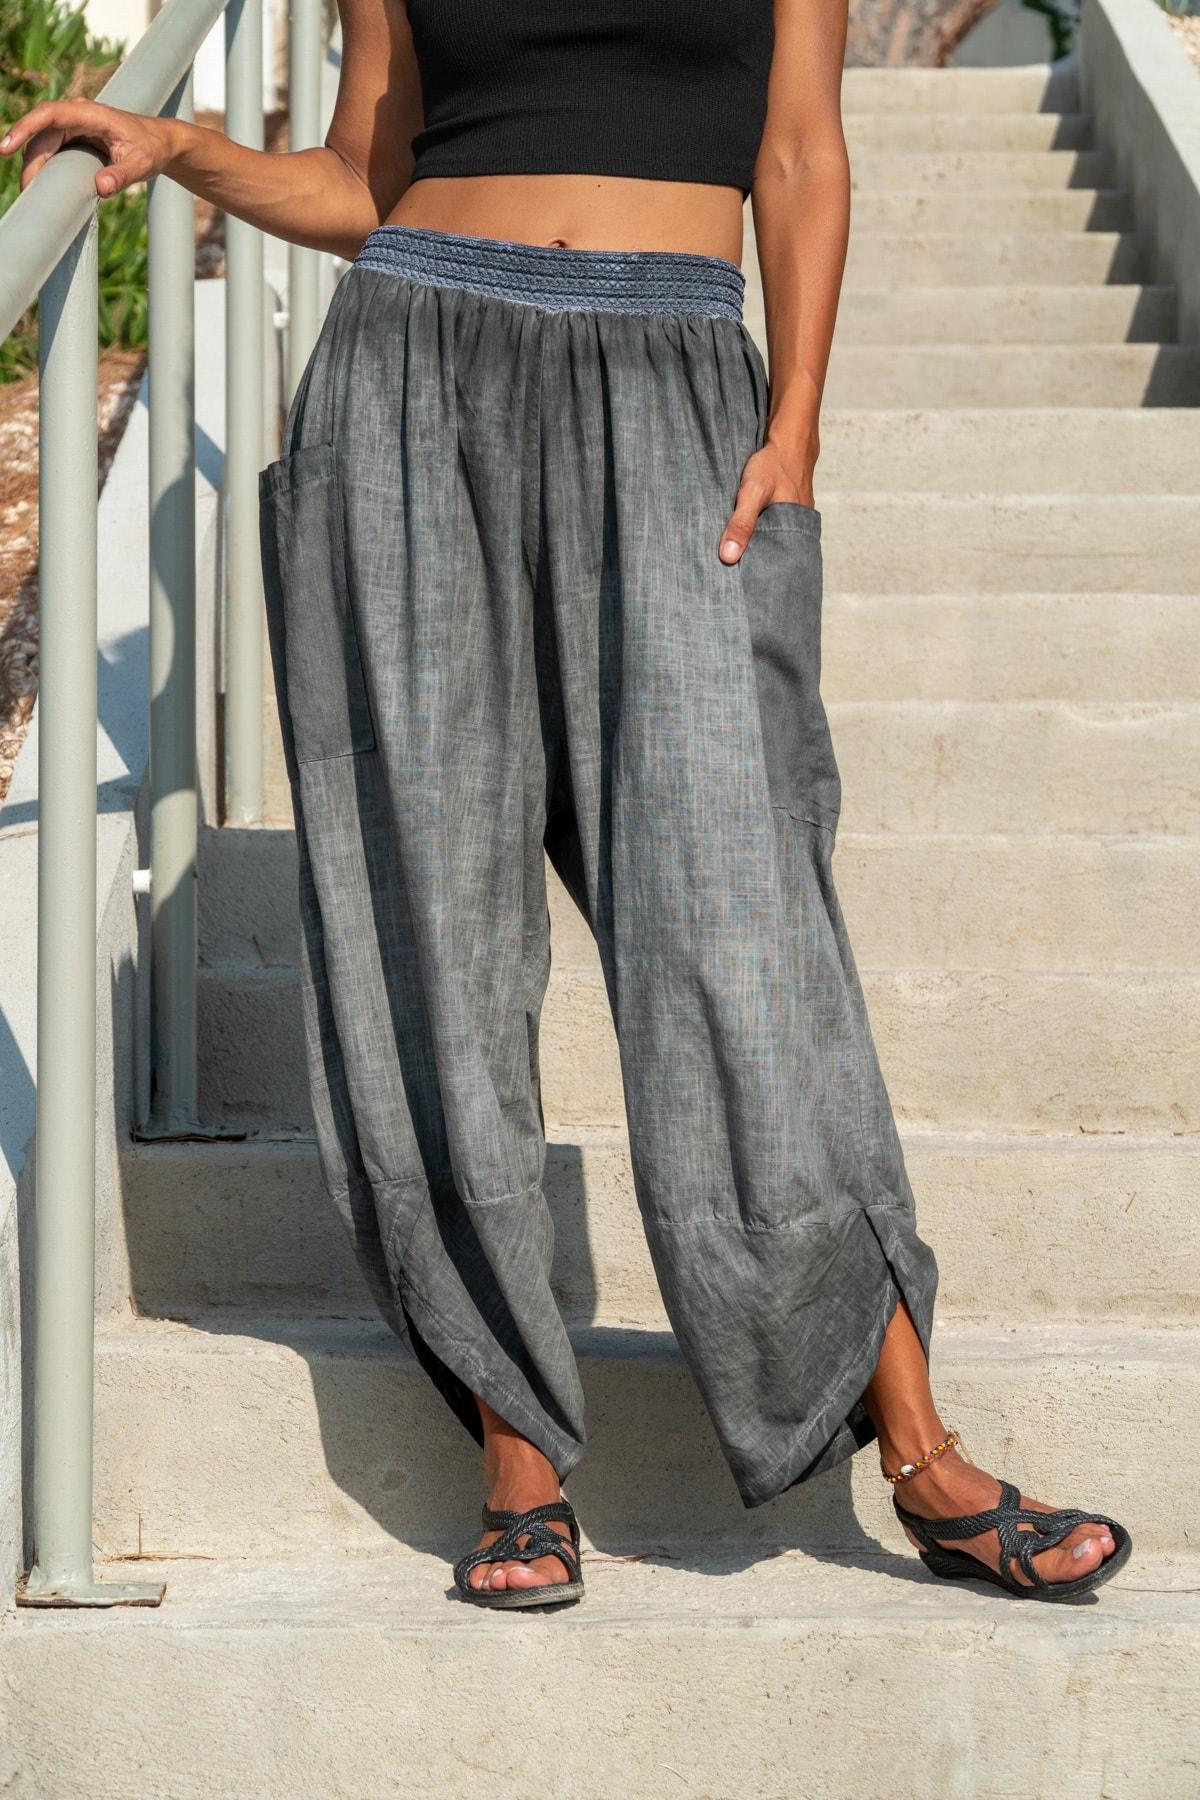 Güneşkızı Kadın Antrasit Yıkamalı Keten Cepli Beli Lastikli Şalvar Pantolon GK-CCK58048 0